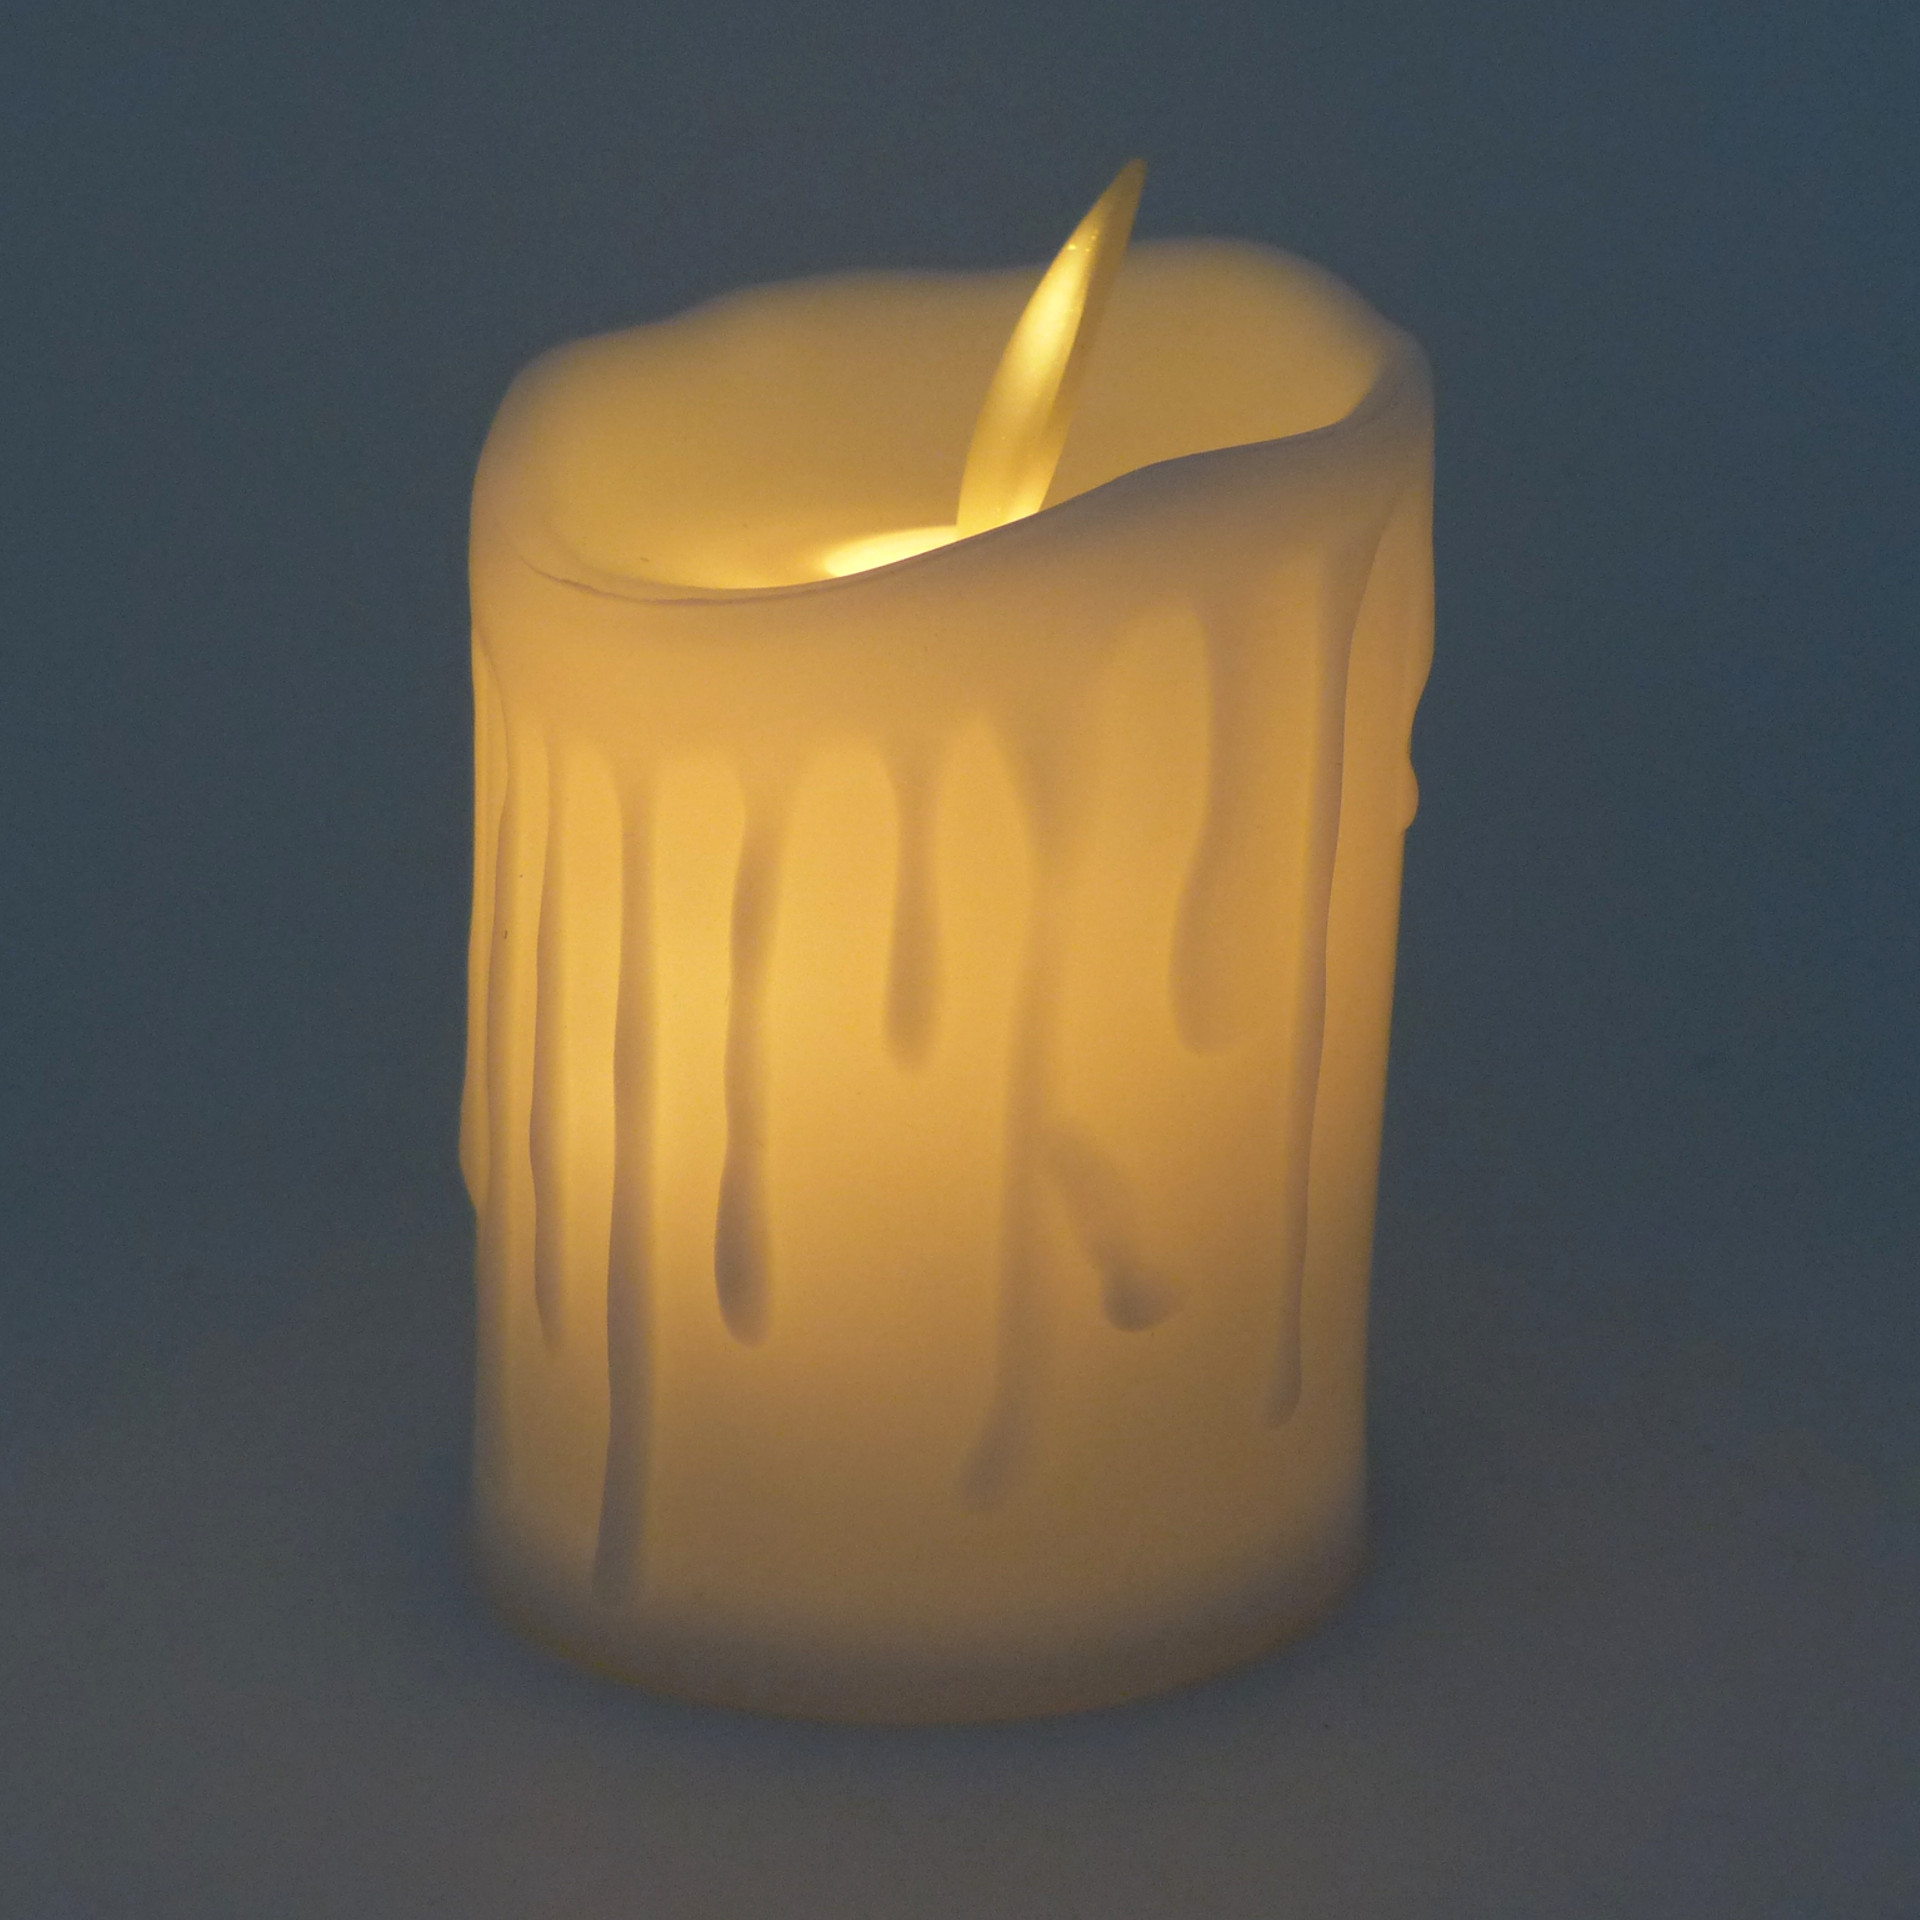 Starlet24-LED-Teelicht-taeuschend-echt-Kerzenlicht-Kerze-Weihnachten-Restaurant